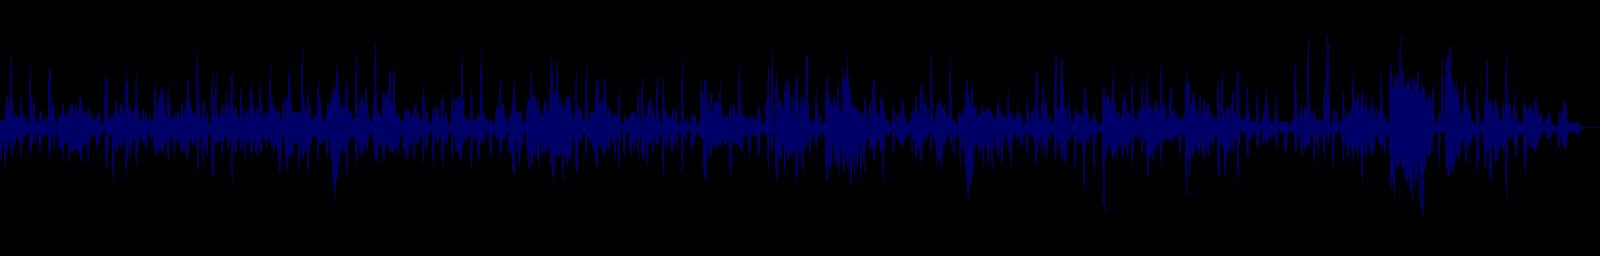 waveform of track #146027